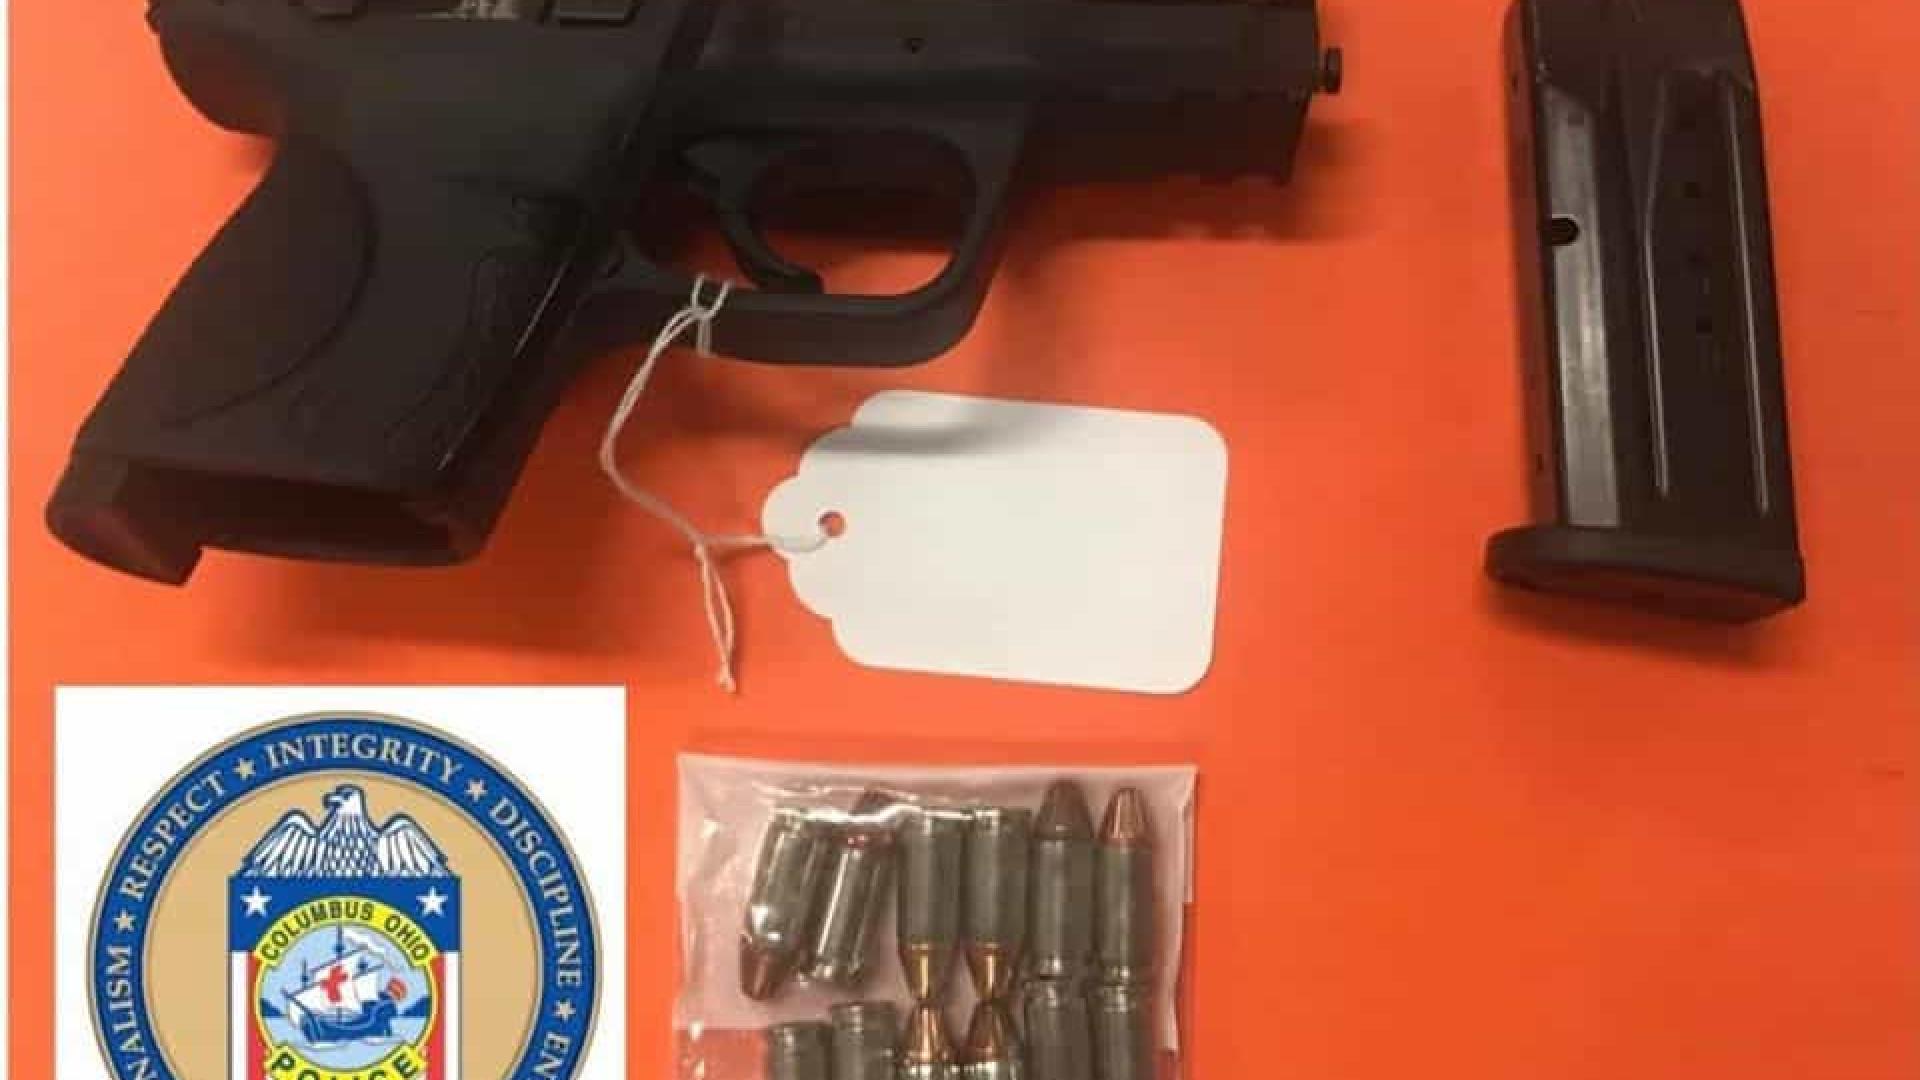 EUA. Menino de 6 anos aparece na escola com arma semiautomática